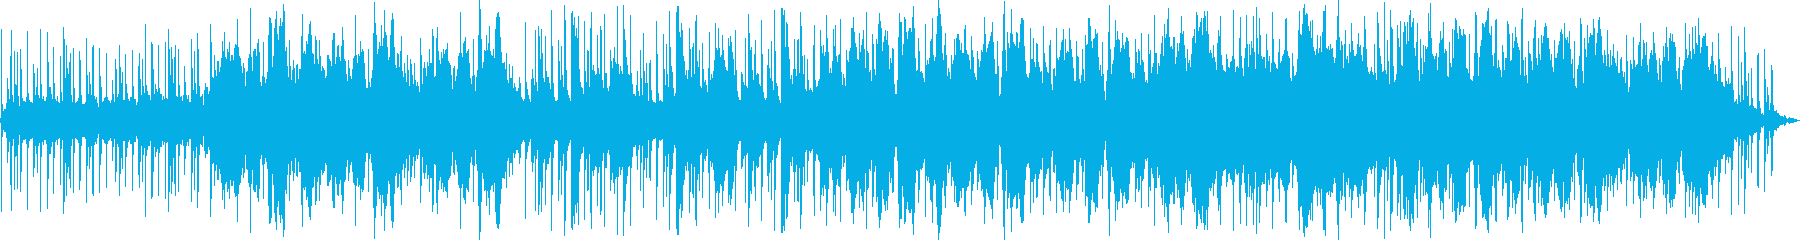 三線と二胡による沖縄を感じるBGMの再生済みの波形